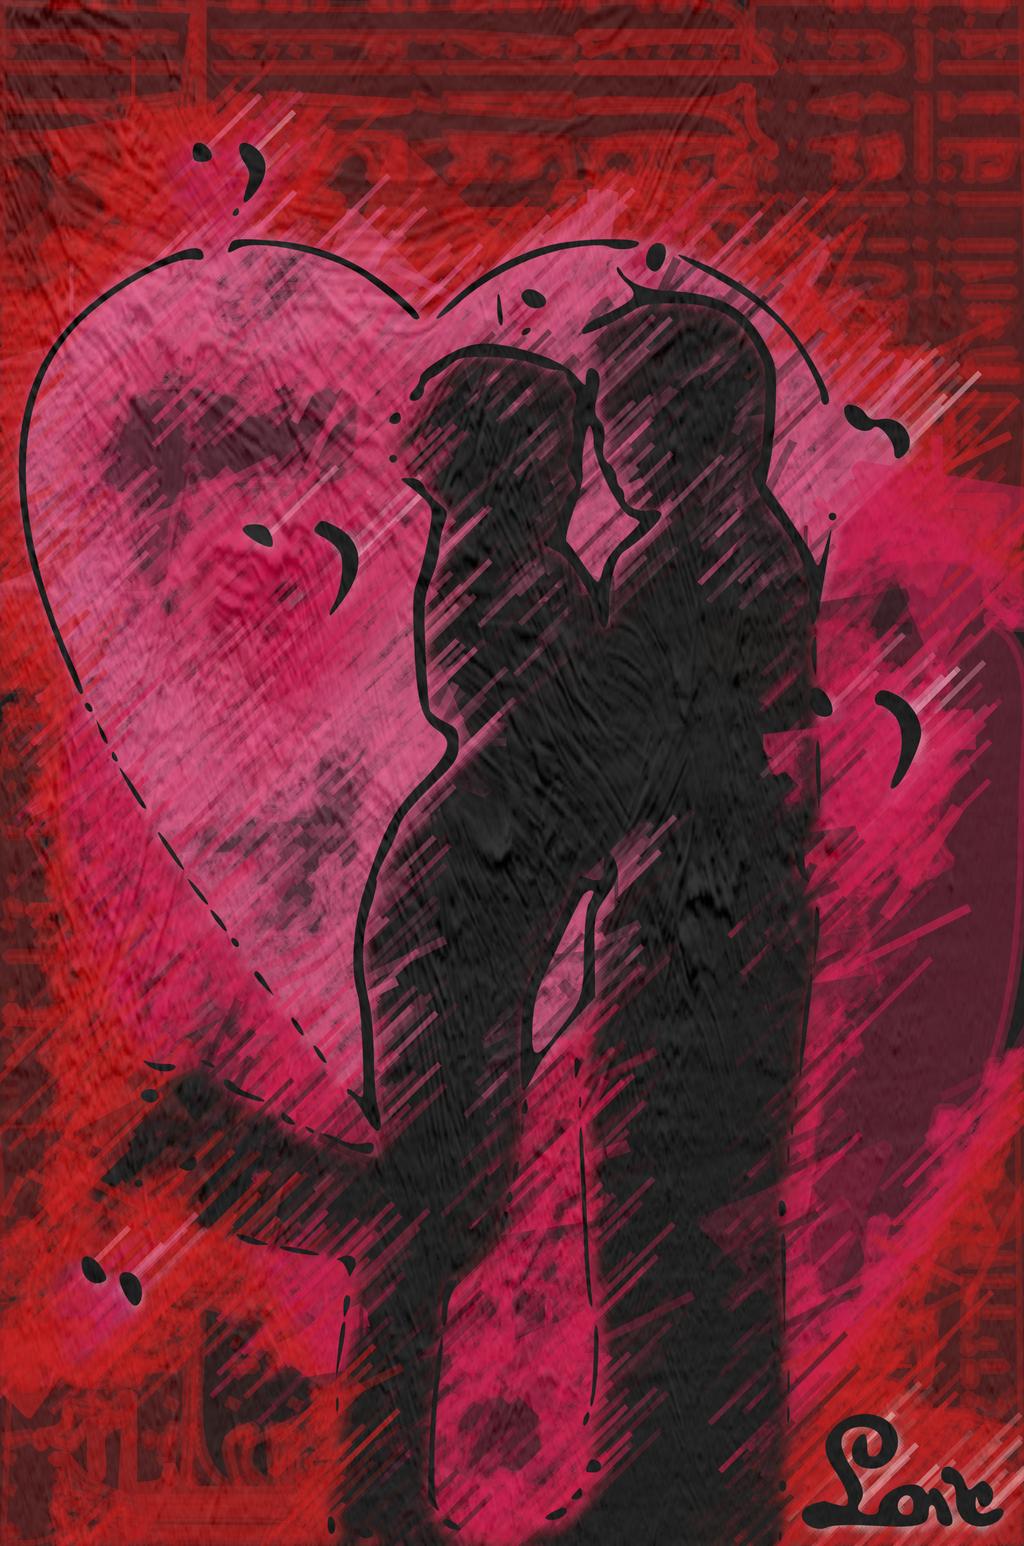 http://2.bp.blogspot.com/-qFbyY4GltMM/T9s6qMO7EOI/AAAAAAAAB04/xVfLyTuBnm4/s1600/4c473b525e766Silhouette-of-couple-hugging-pop-art-poster-print-34_wallpaper.jpg